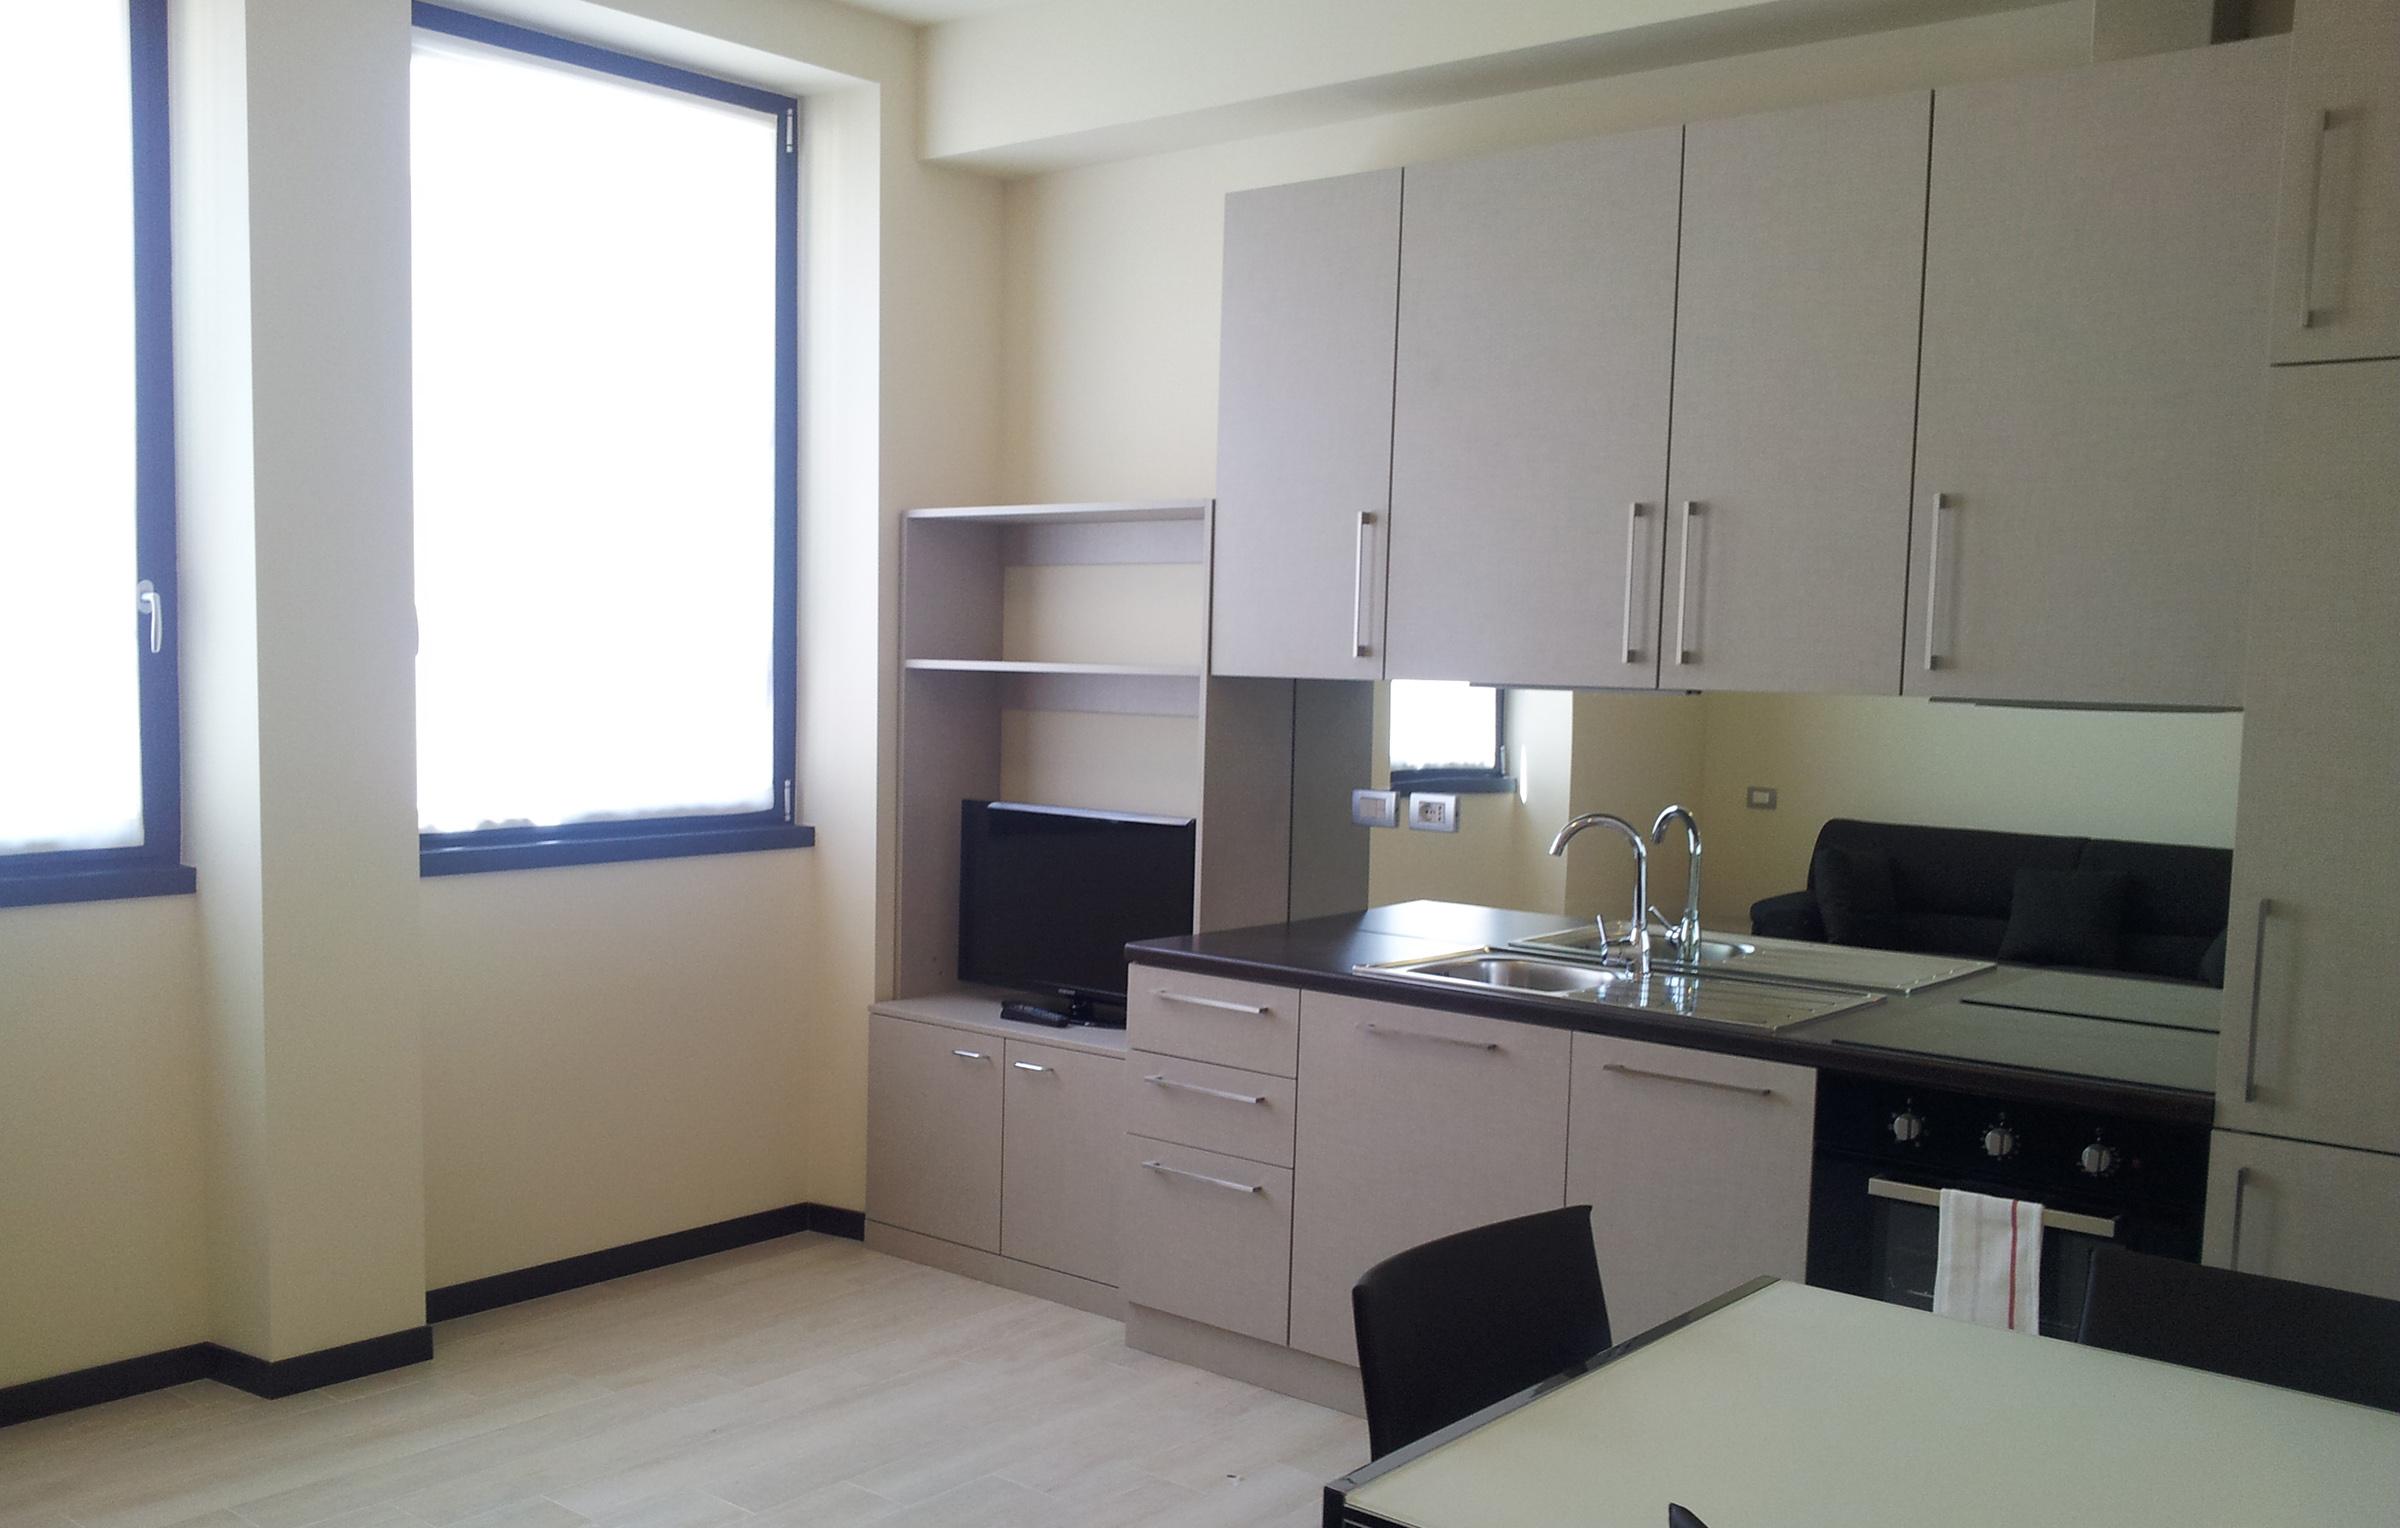 Cucina attrezzata e super accessoriata per appartamenti in affitto a Milano